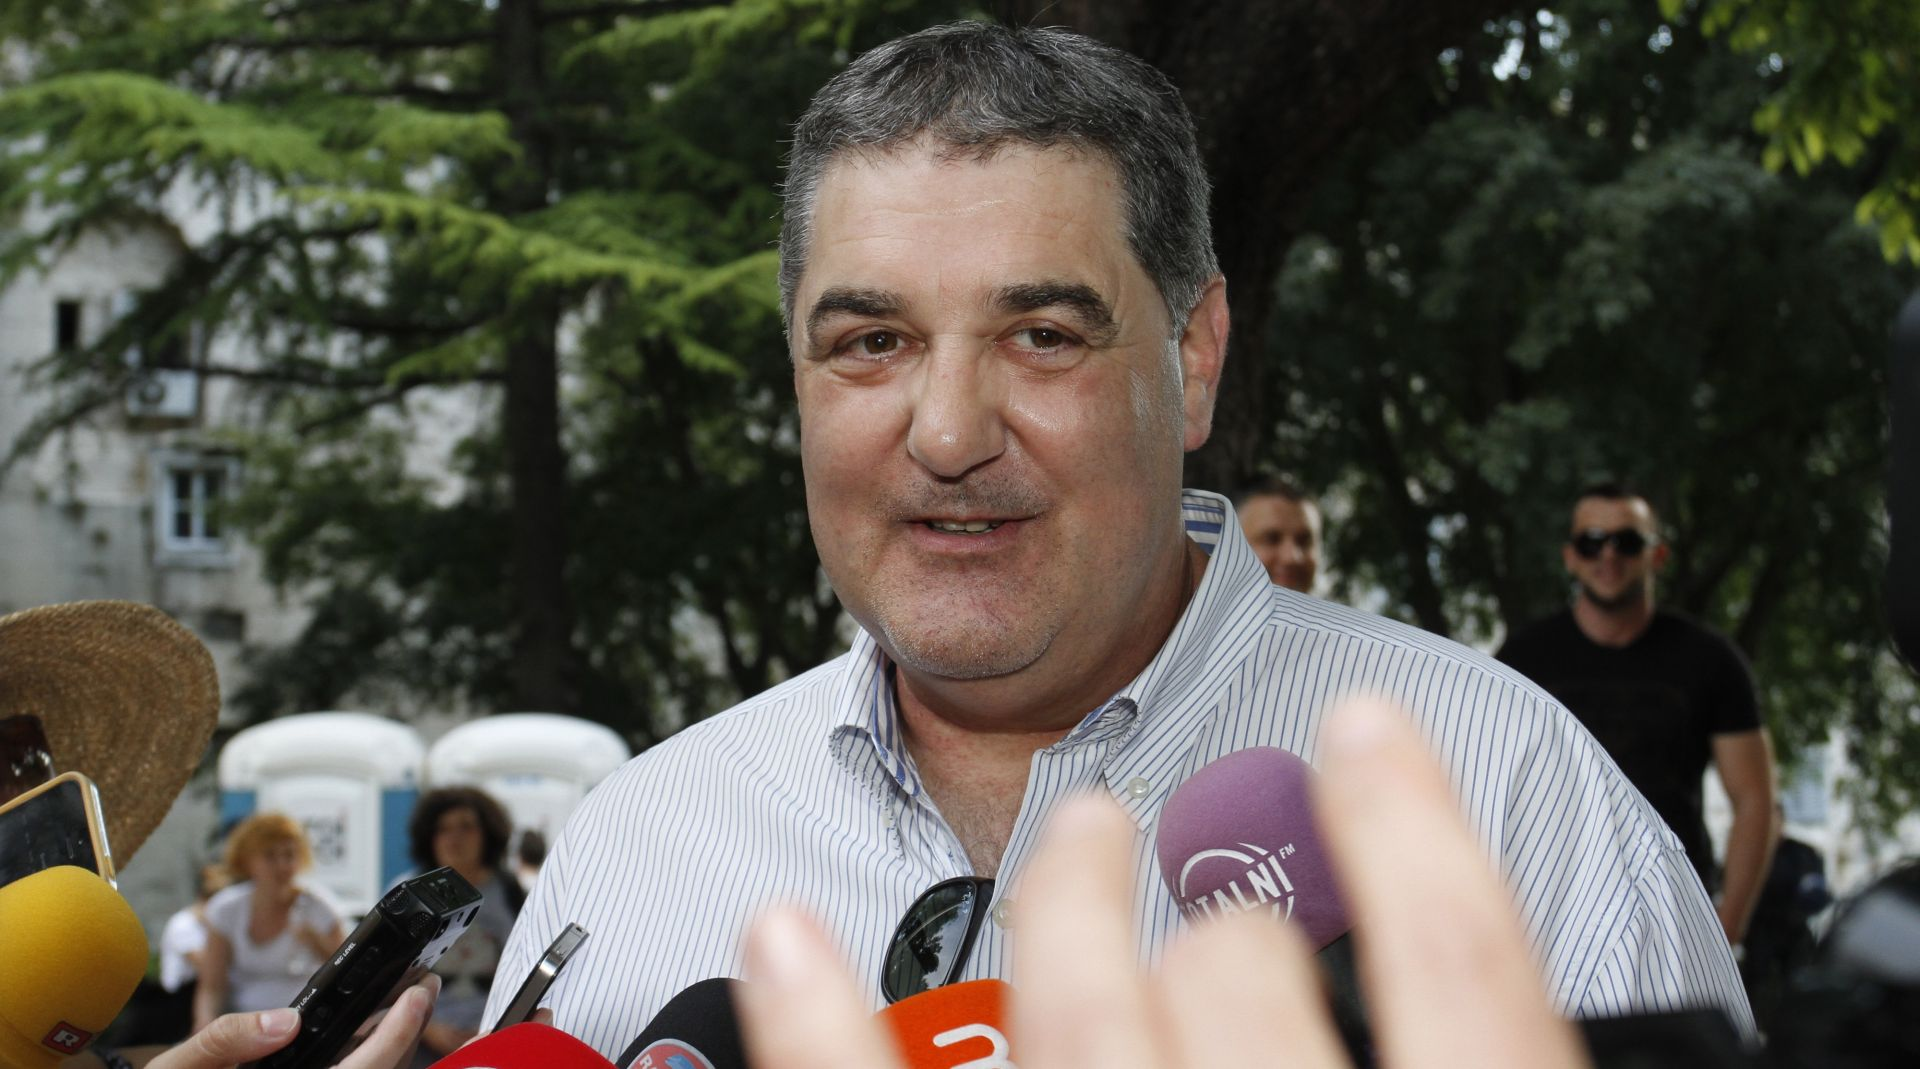 ŽALI ZBOG 'RUŽNIH REAKCIJA' Baldasar ponovio da je potrebno što brže pripremiti izbore u SDP-u i izabrati rukovodstvo stranke